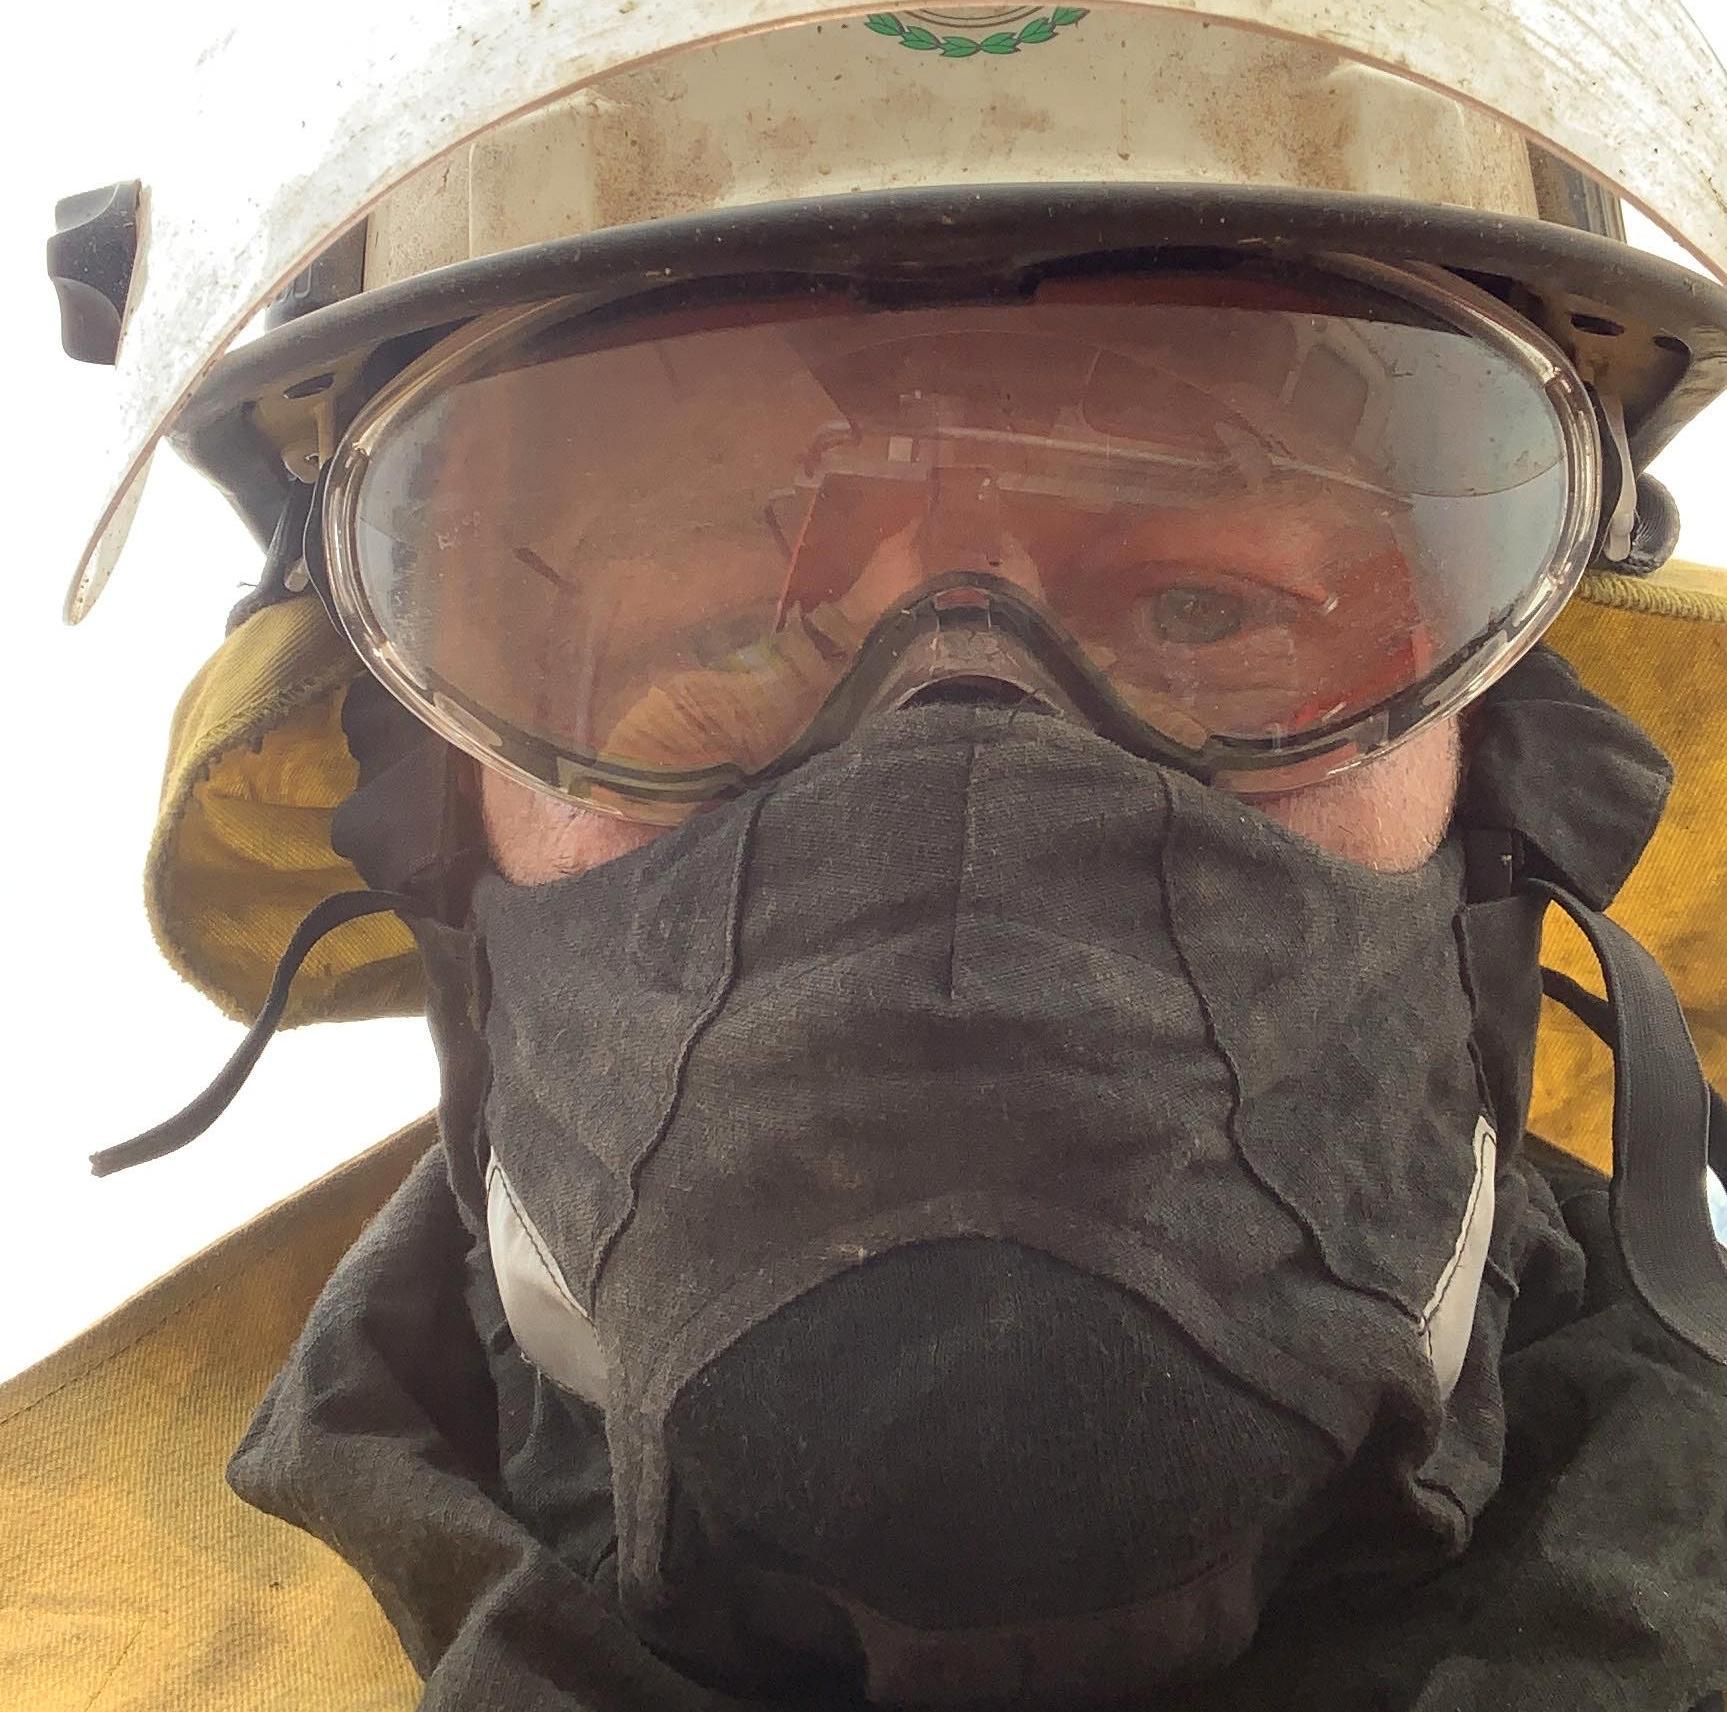 Johan säger att brandmännen själva inte märkt av de miljoner som donerats till brandbekämpningen.